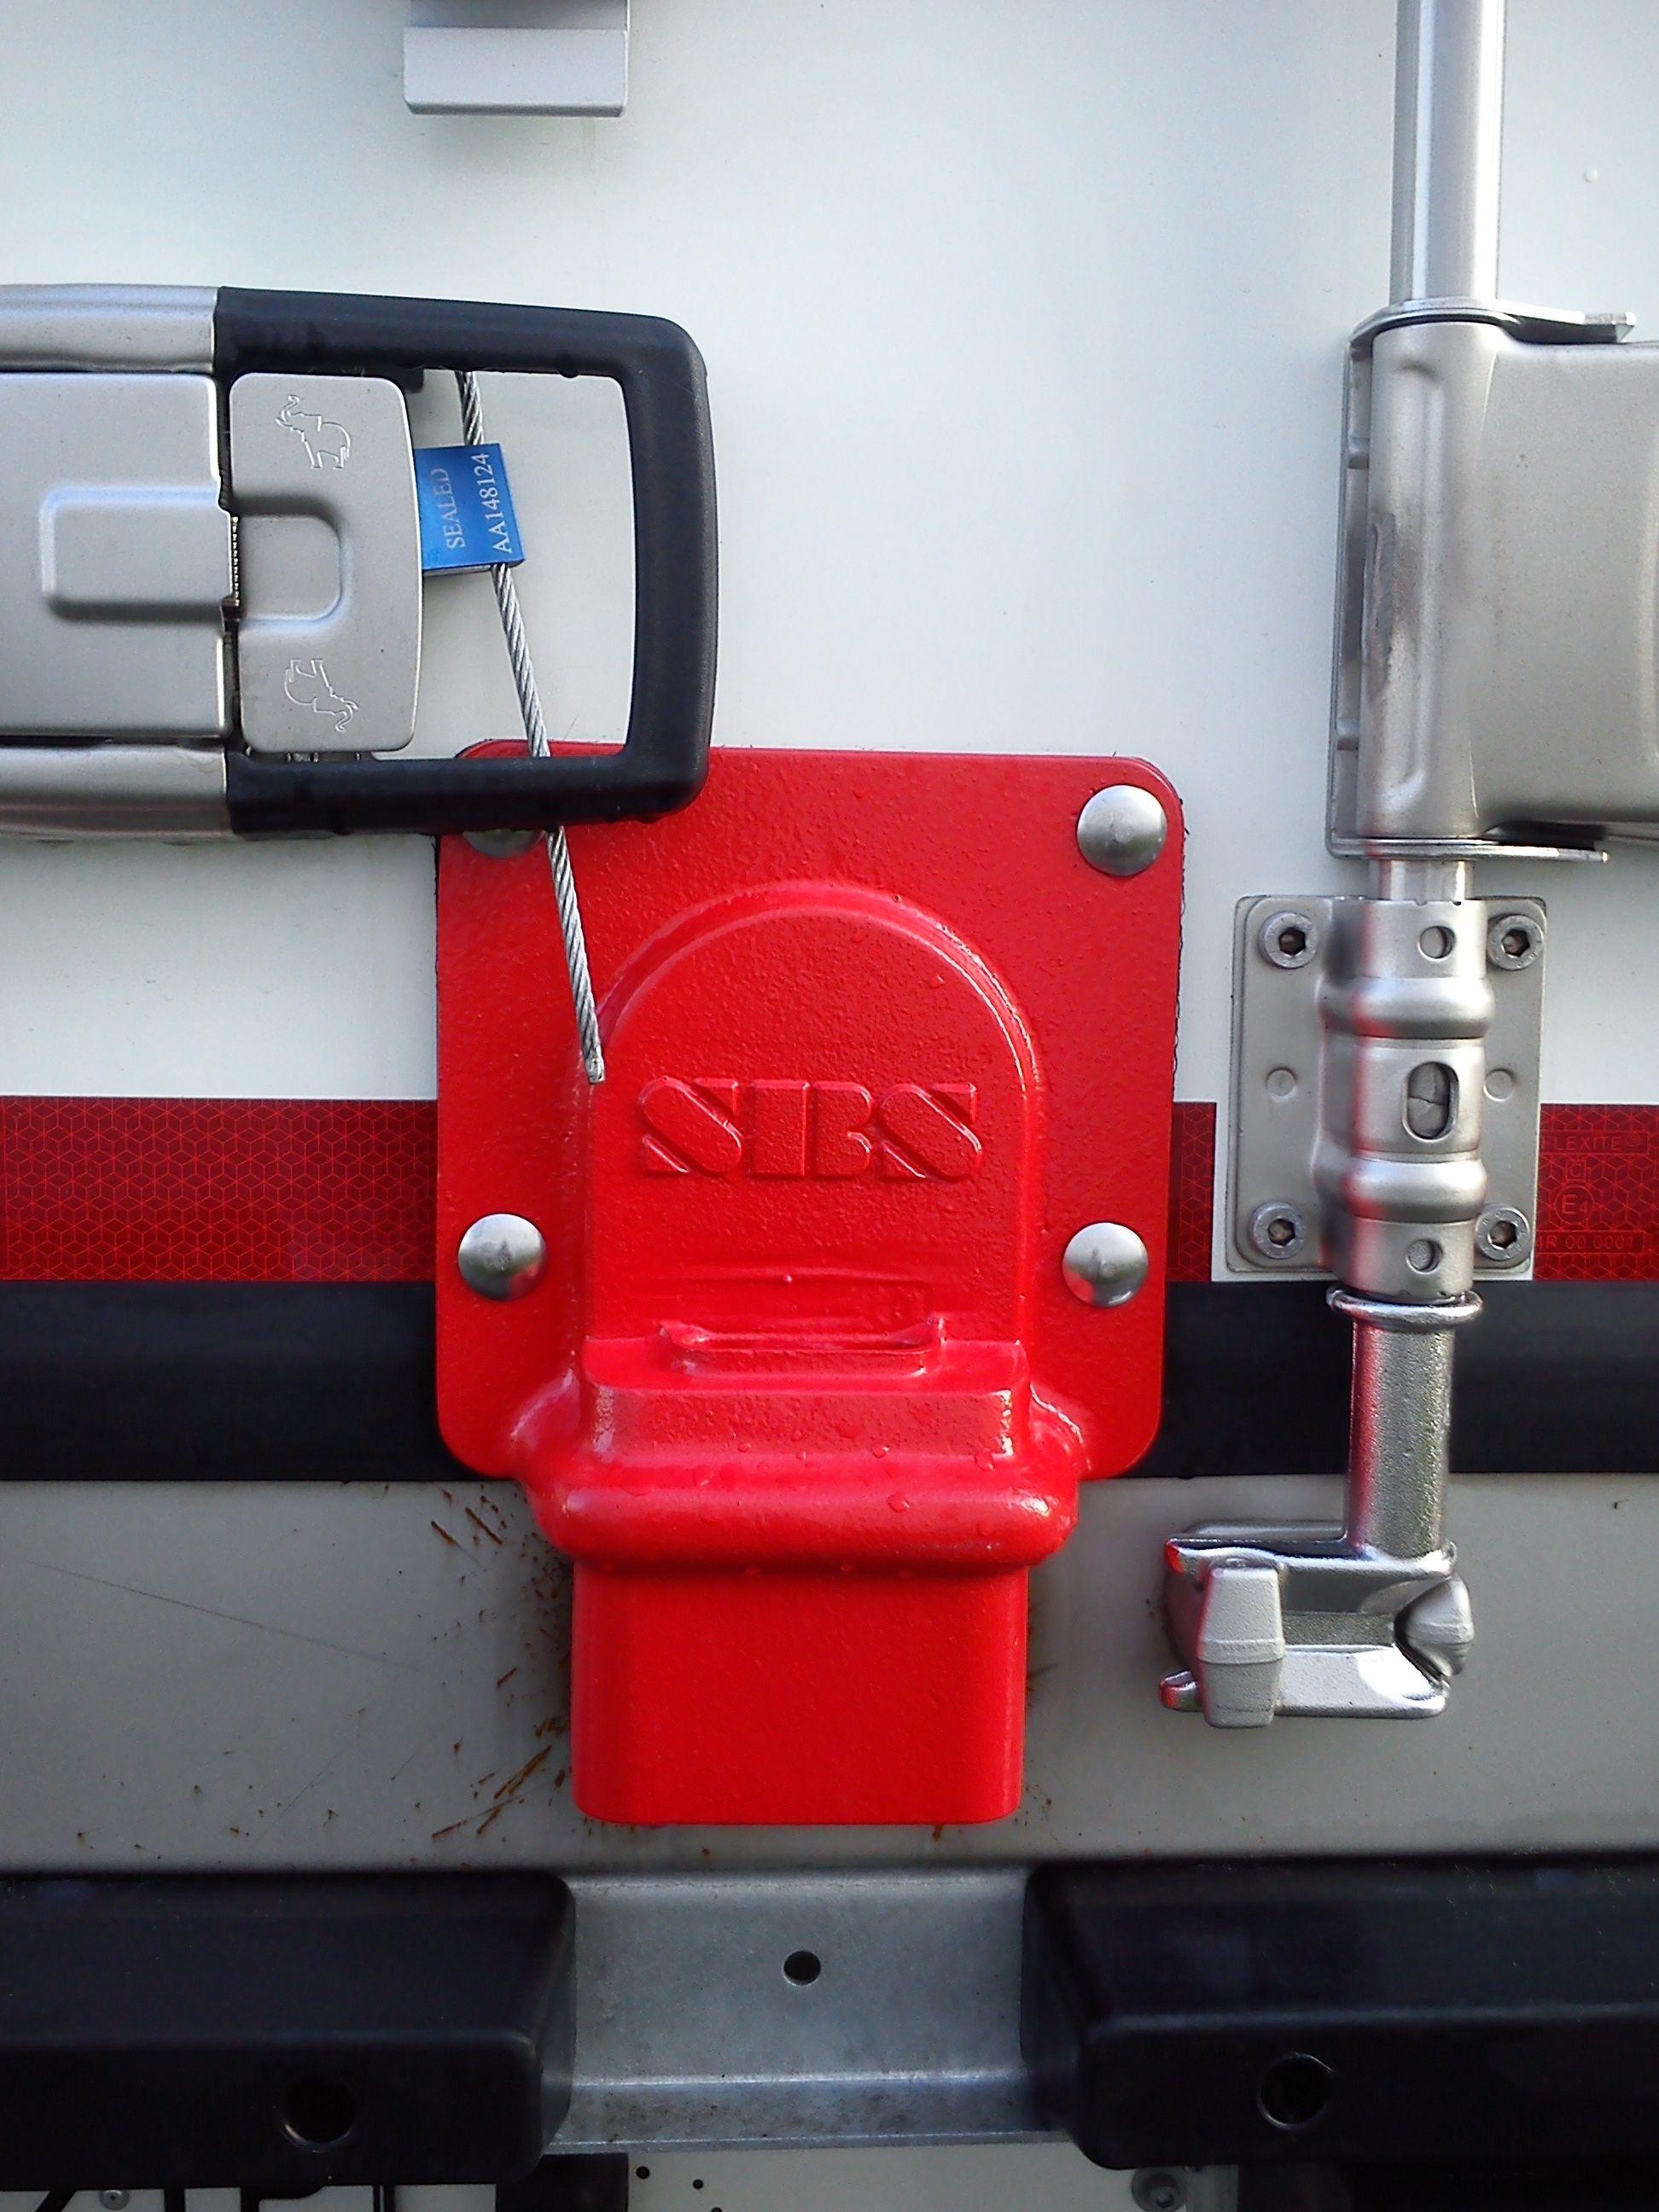 Zámek na návěs frigo SBS Abloy PL358